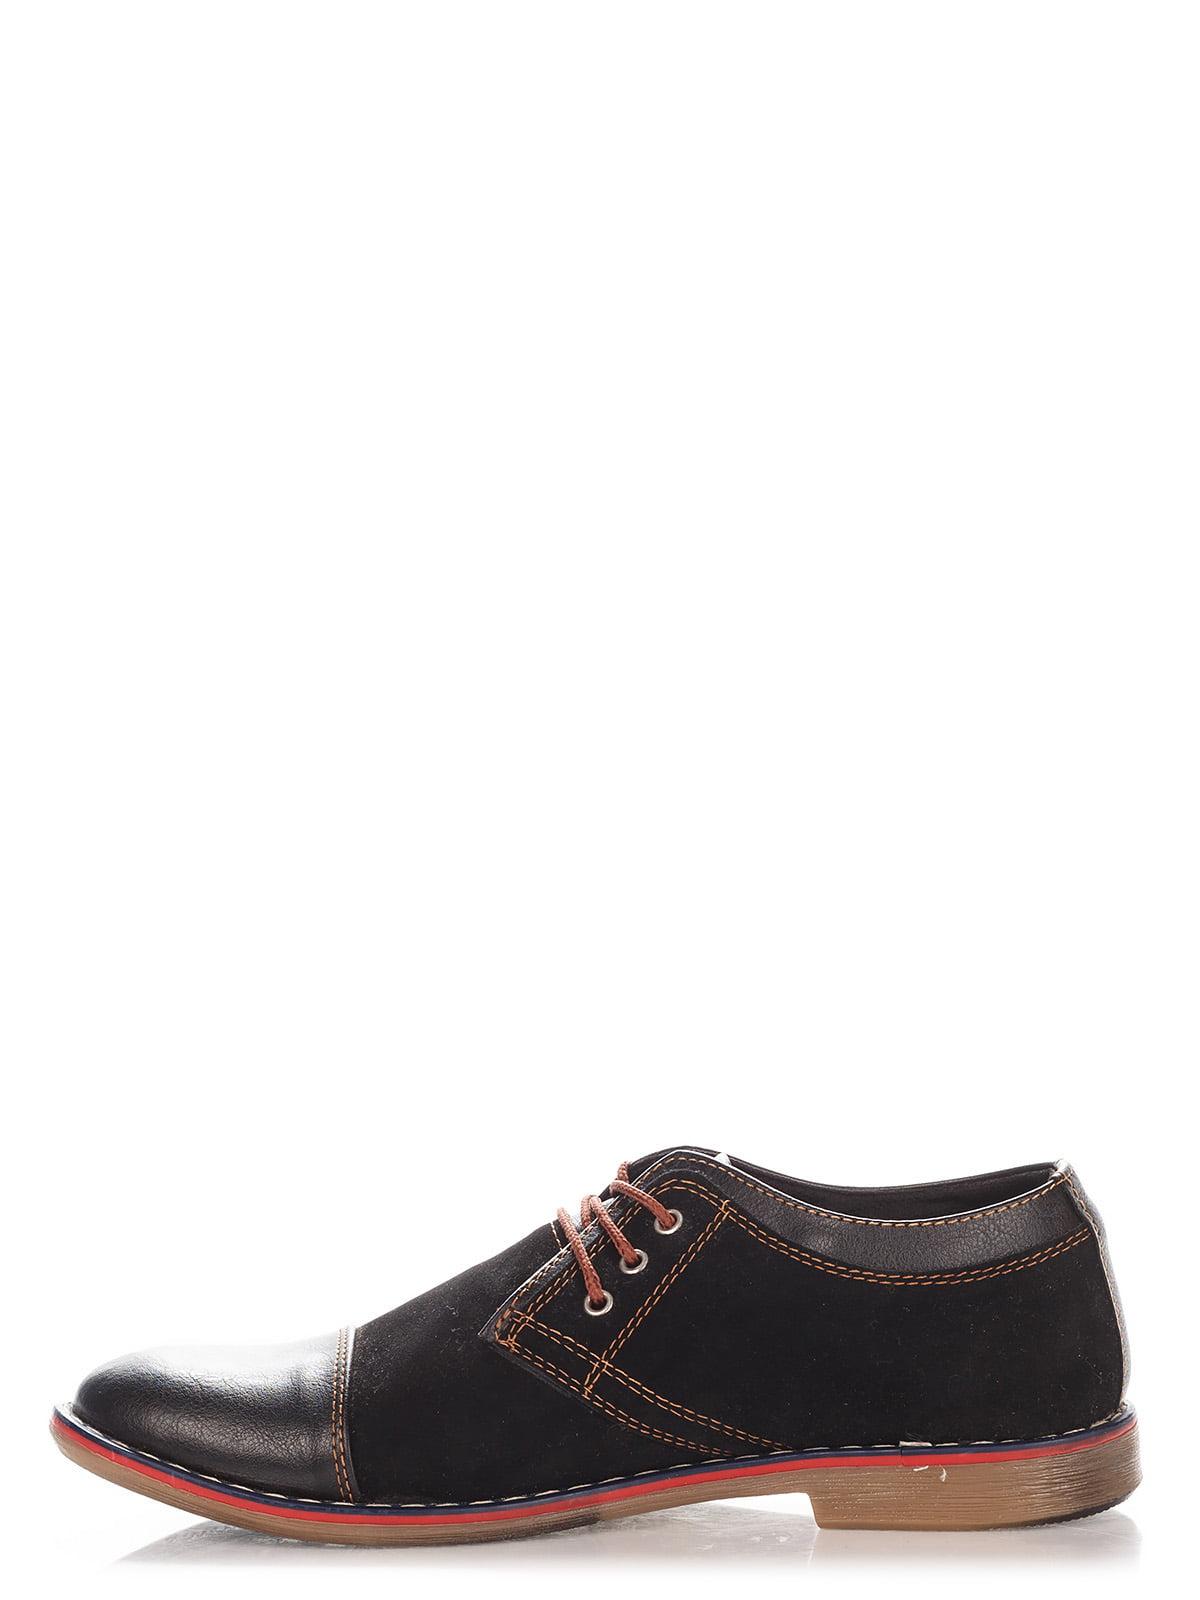 Туфли темно-коричневые   3507081   фото 3